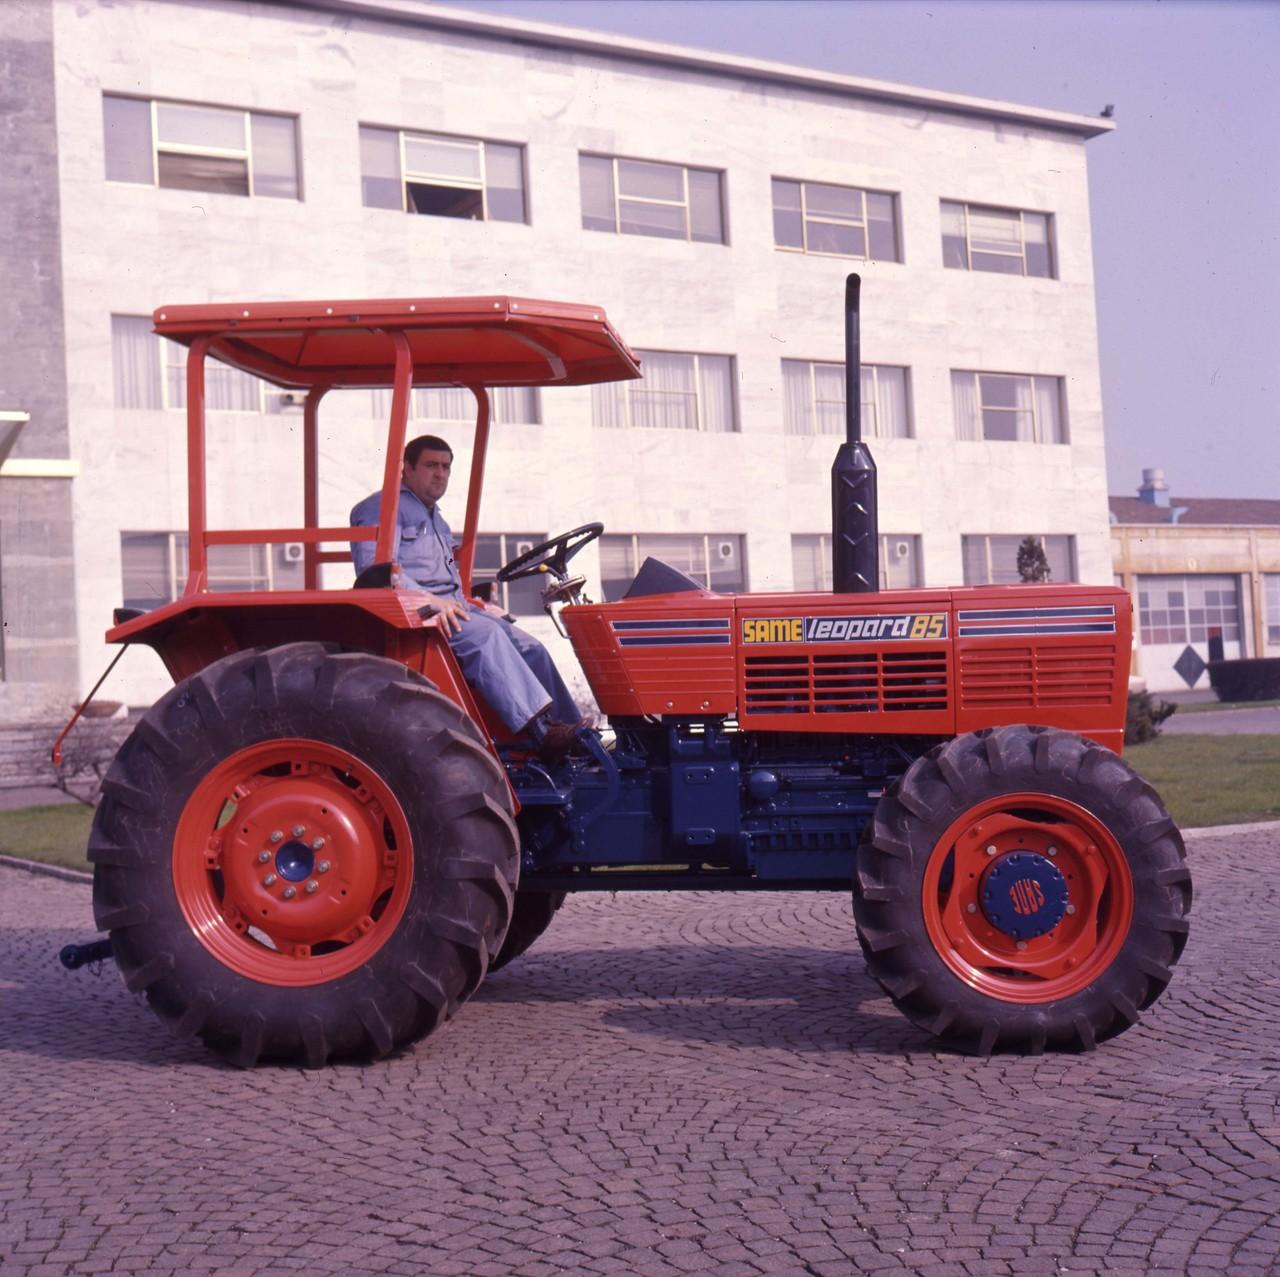 [SAME] trattore Leopard 85 4RM presso lo stabilimento di Treviglio